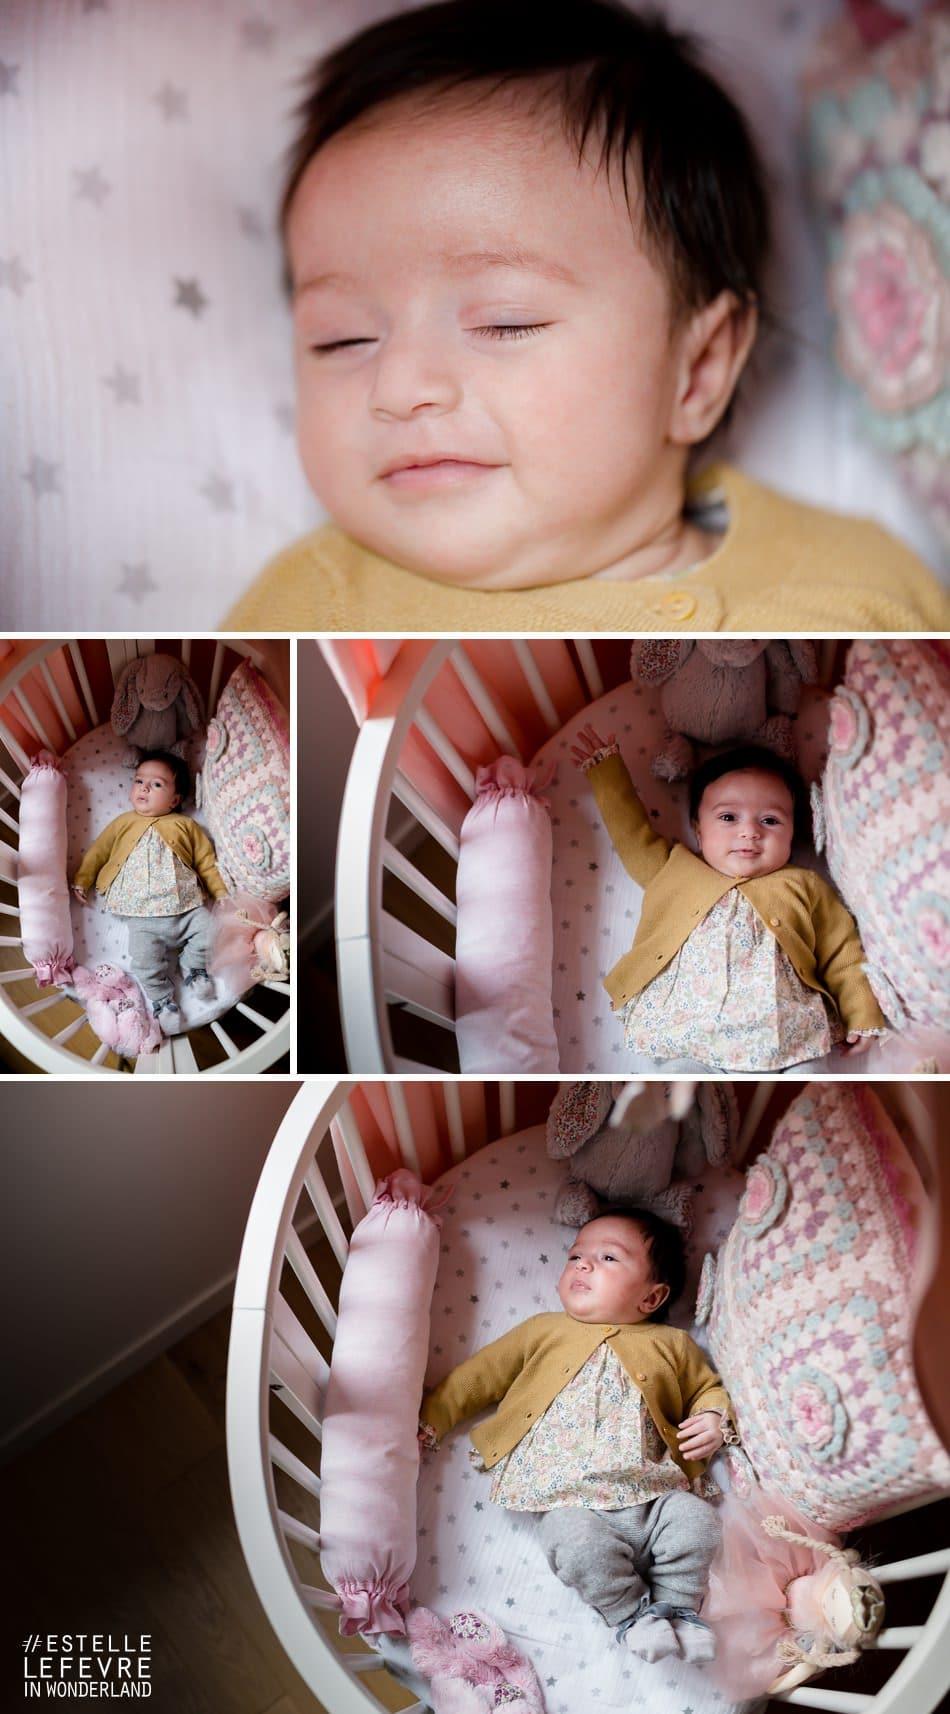 Photographe Neuilly photos de naissance à domicile